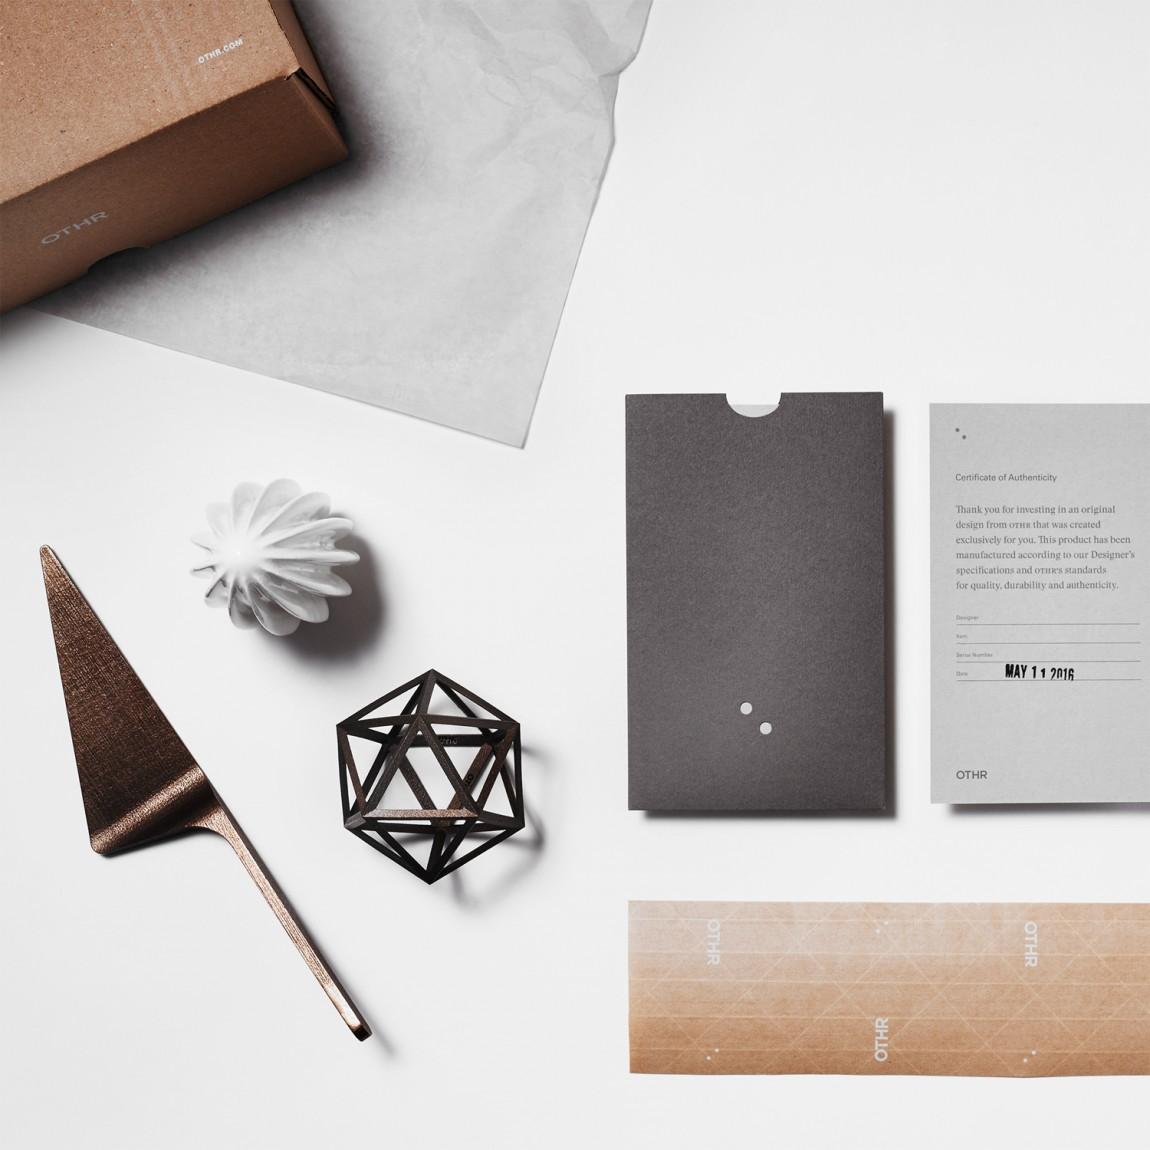 产品设计公司企业形象设计案例,VI设计